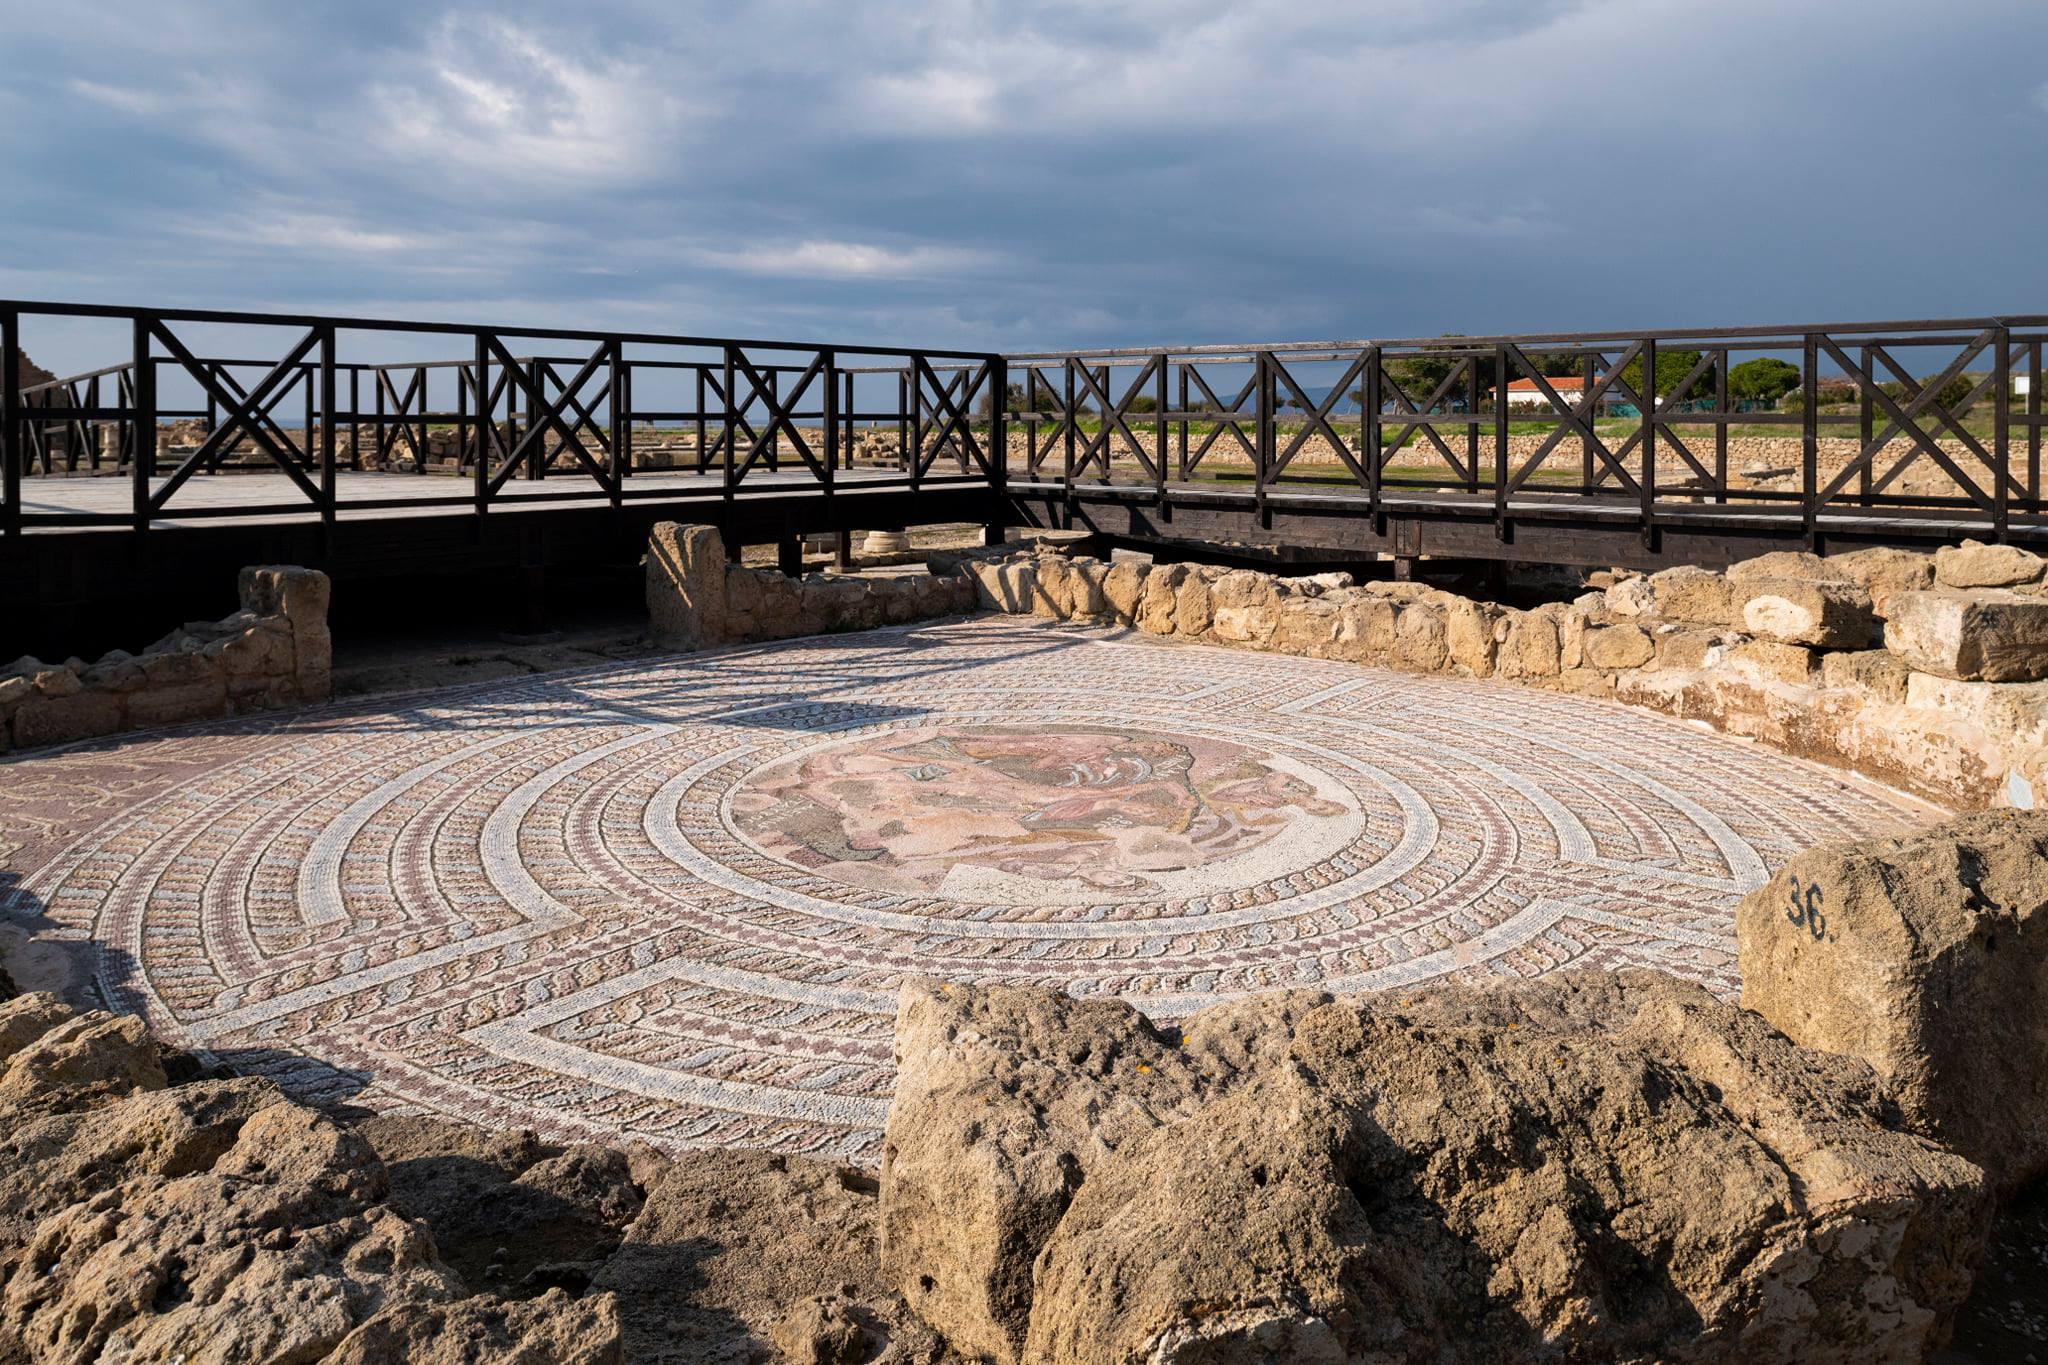 Προσπάθειες για δημιουργία στέγαστρων σε ψηφιδωτά και άλλα αρχαία κατάλοιπα στη Νέα Πάφο